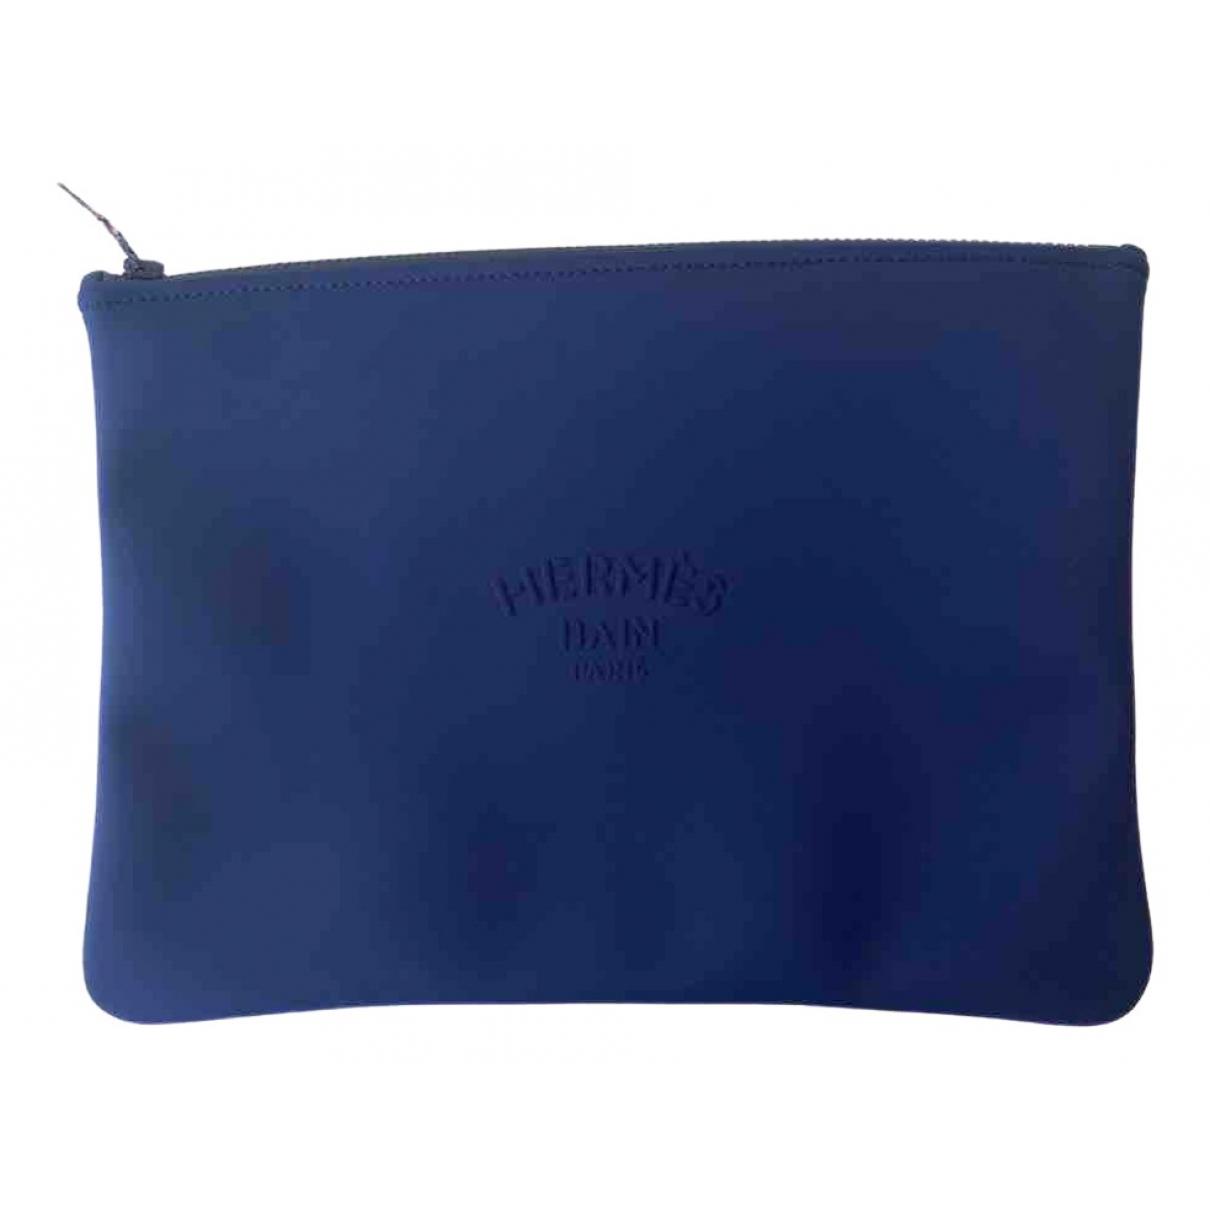 Hermes - Pochette   pour femme - bleu